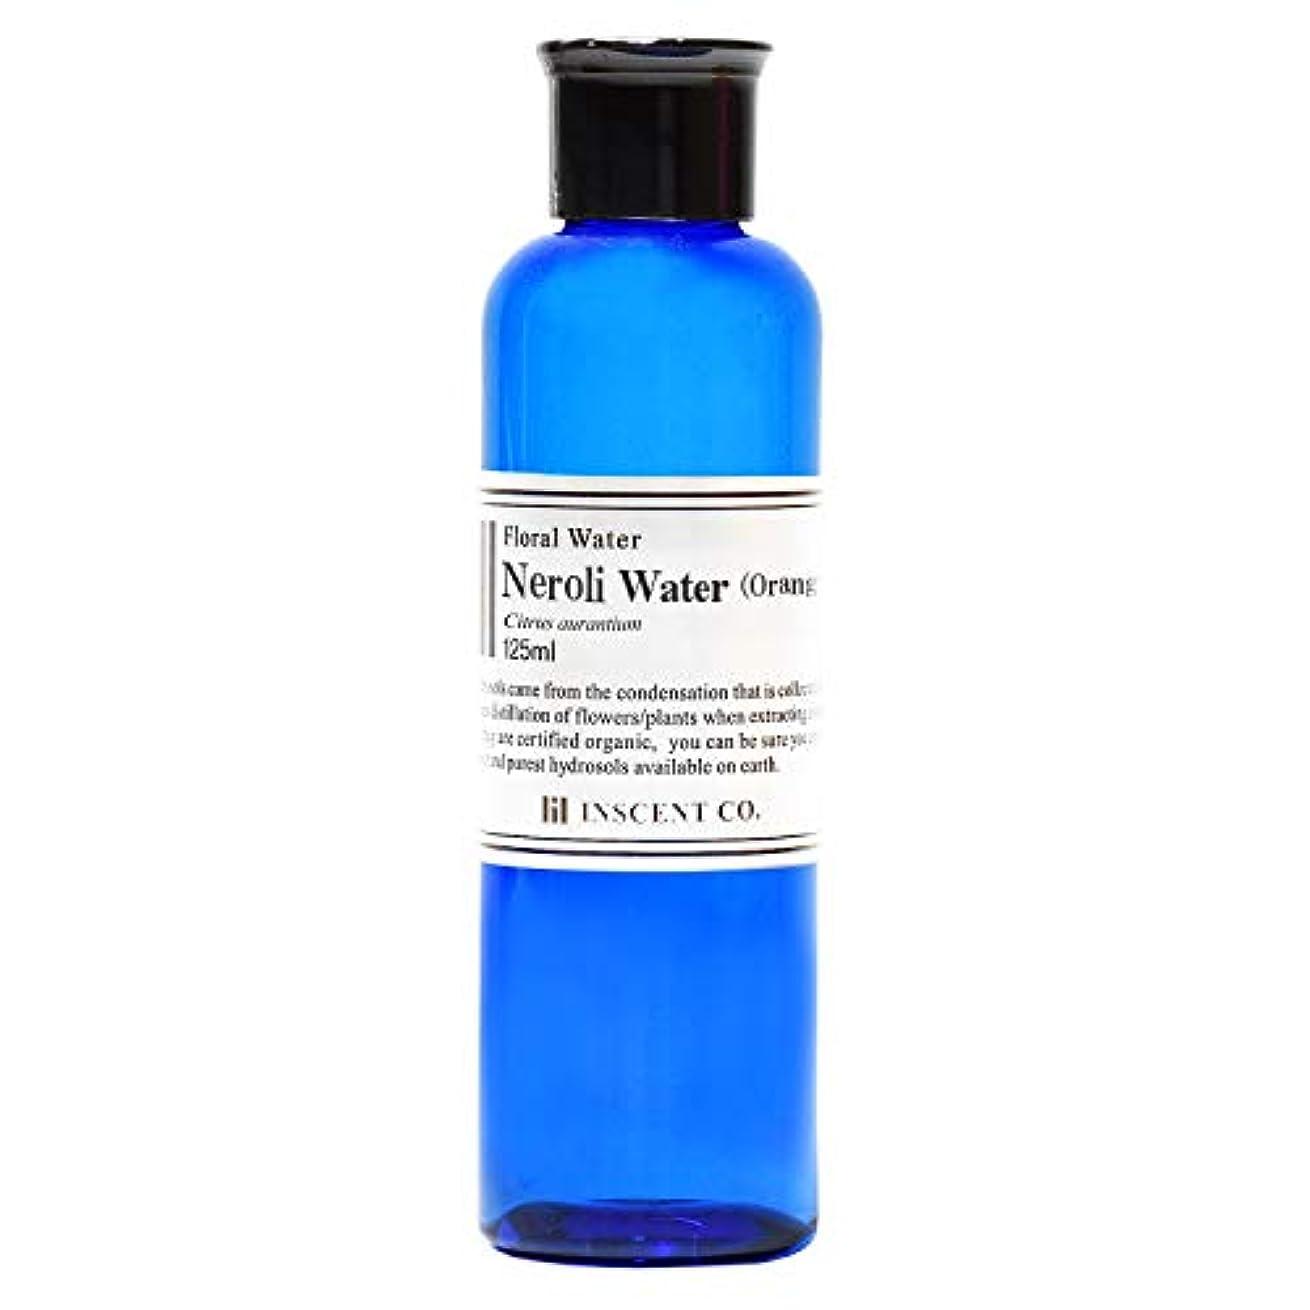 取得ドロップ埋め込むフローラルウォーター ネロリウォーター (オレンジフラワーウォーター) 125ml (ハイドロゾル/芳香蒸留水)